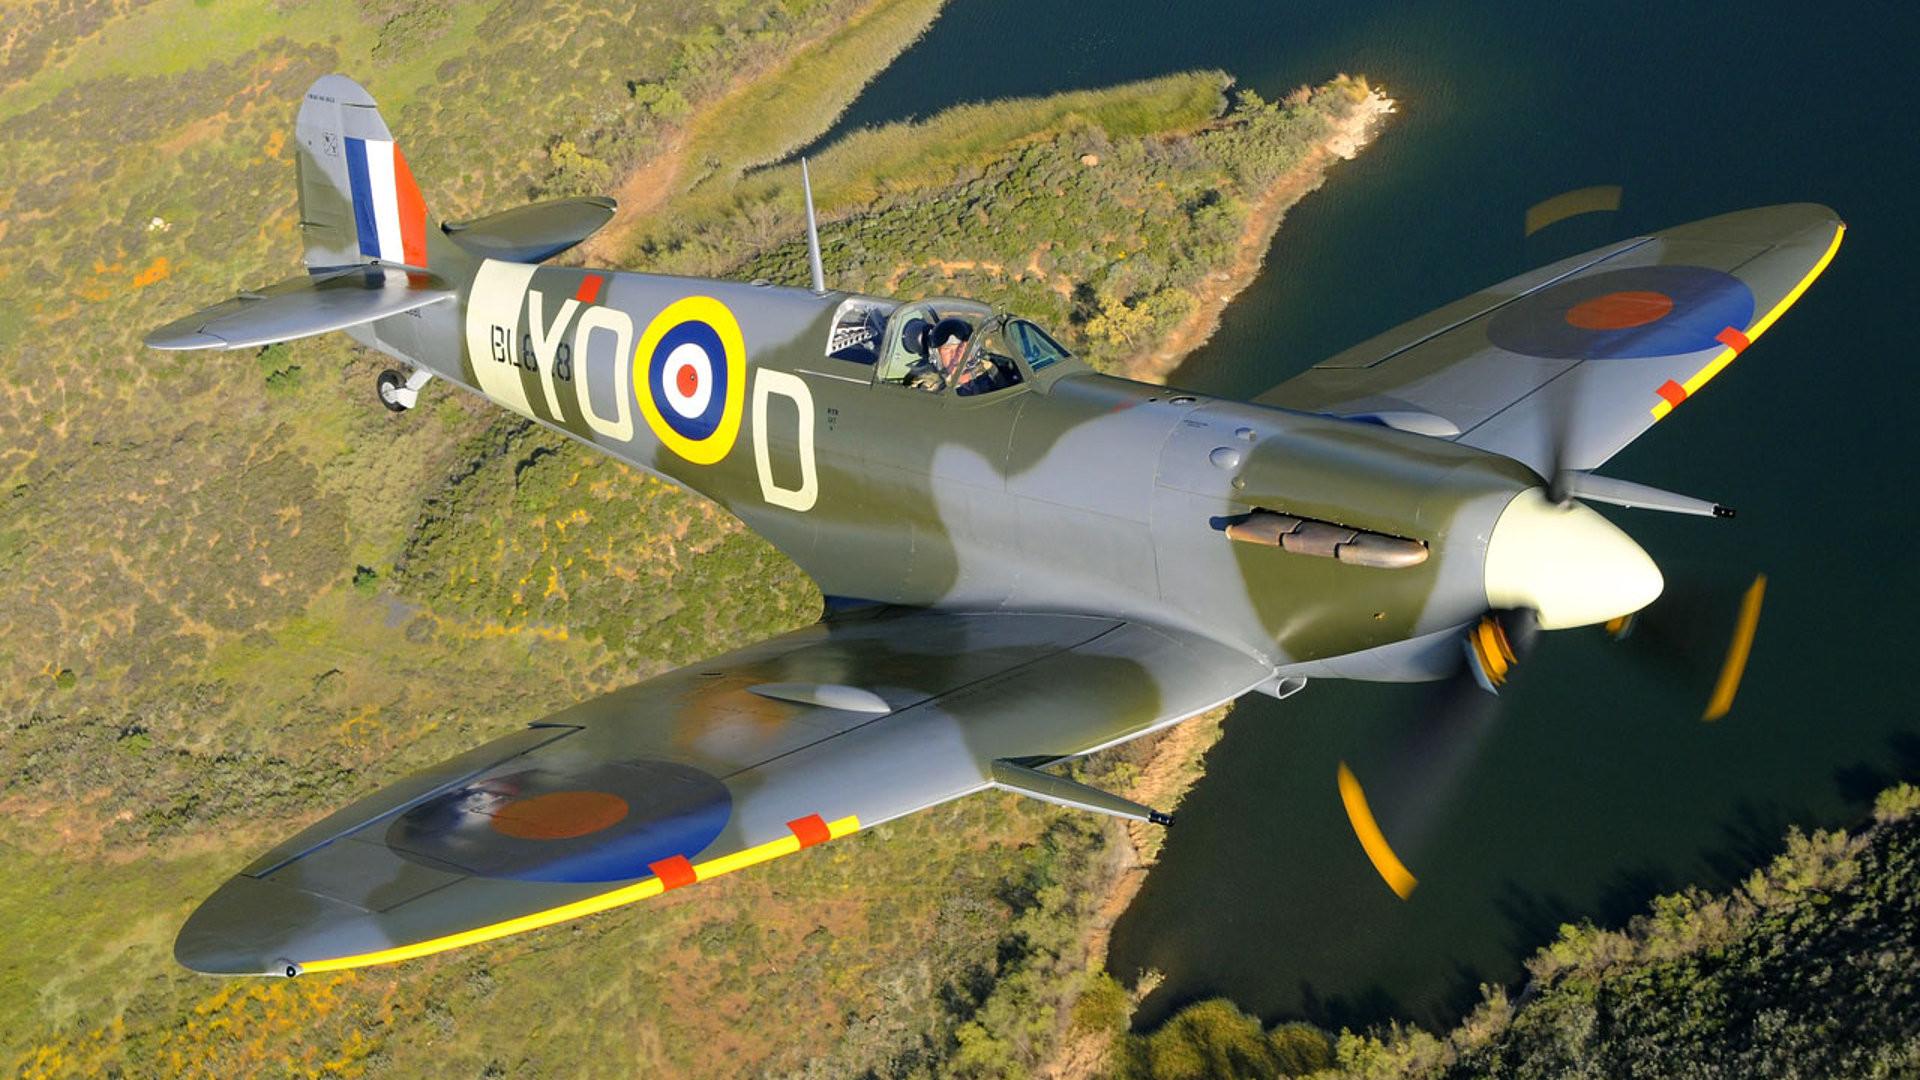 Res: 1920x1080, Supermarine Spitfire HD Wallpaper | Hintergrund |  | ID:204957 -  Wallpaper Abyss